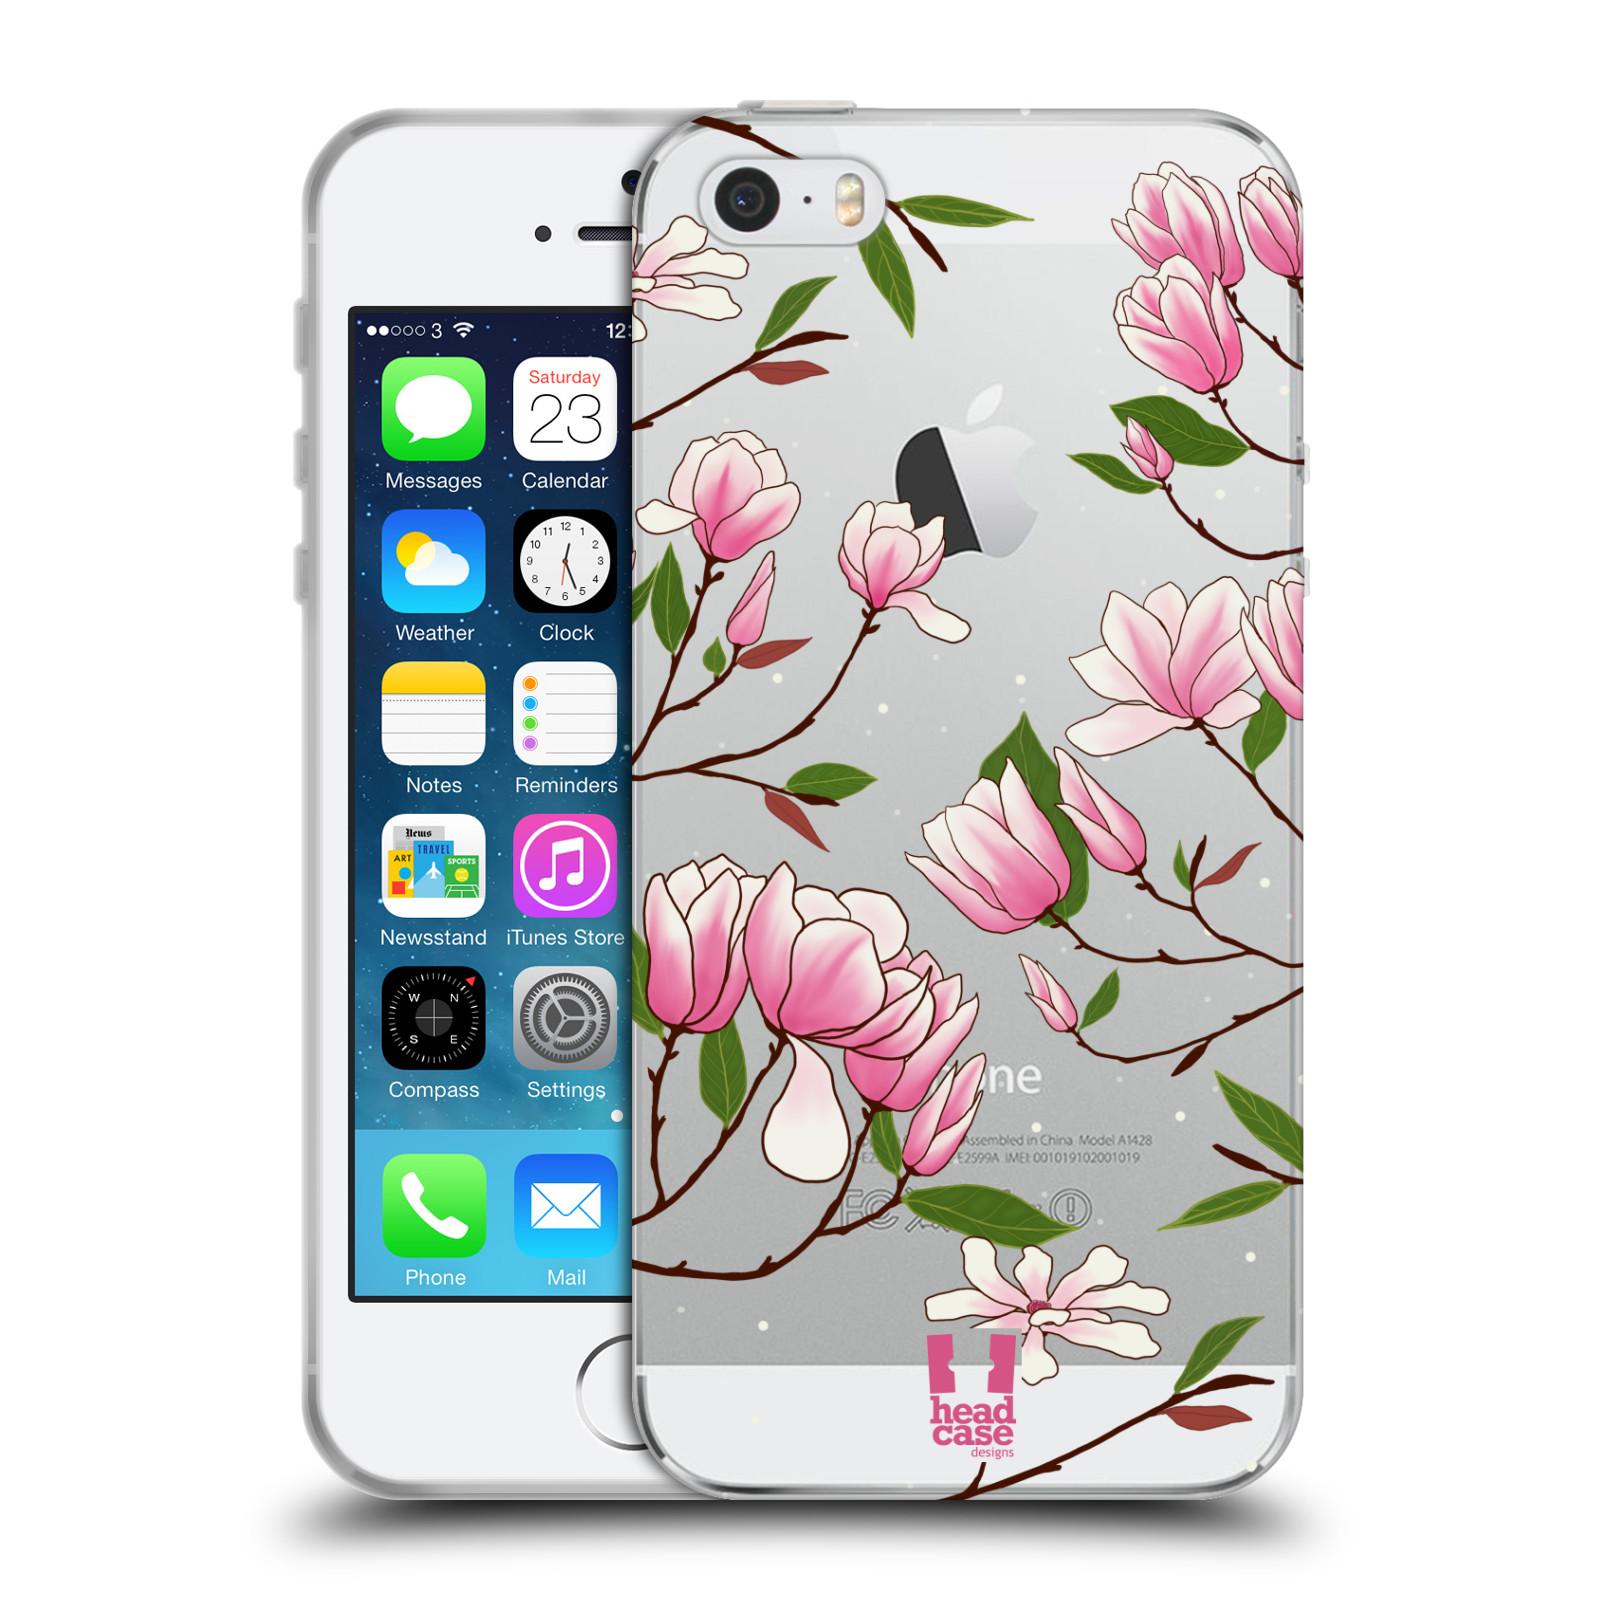 Silikonové pouzdro na mobil Apple iPhone 5, 5S, SE - Head Case - Růžovoučké květy